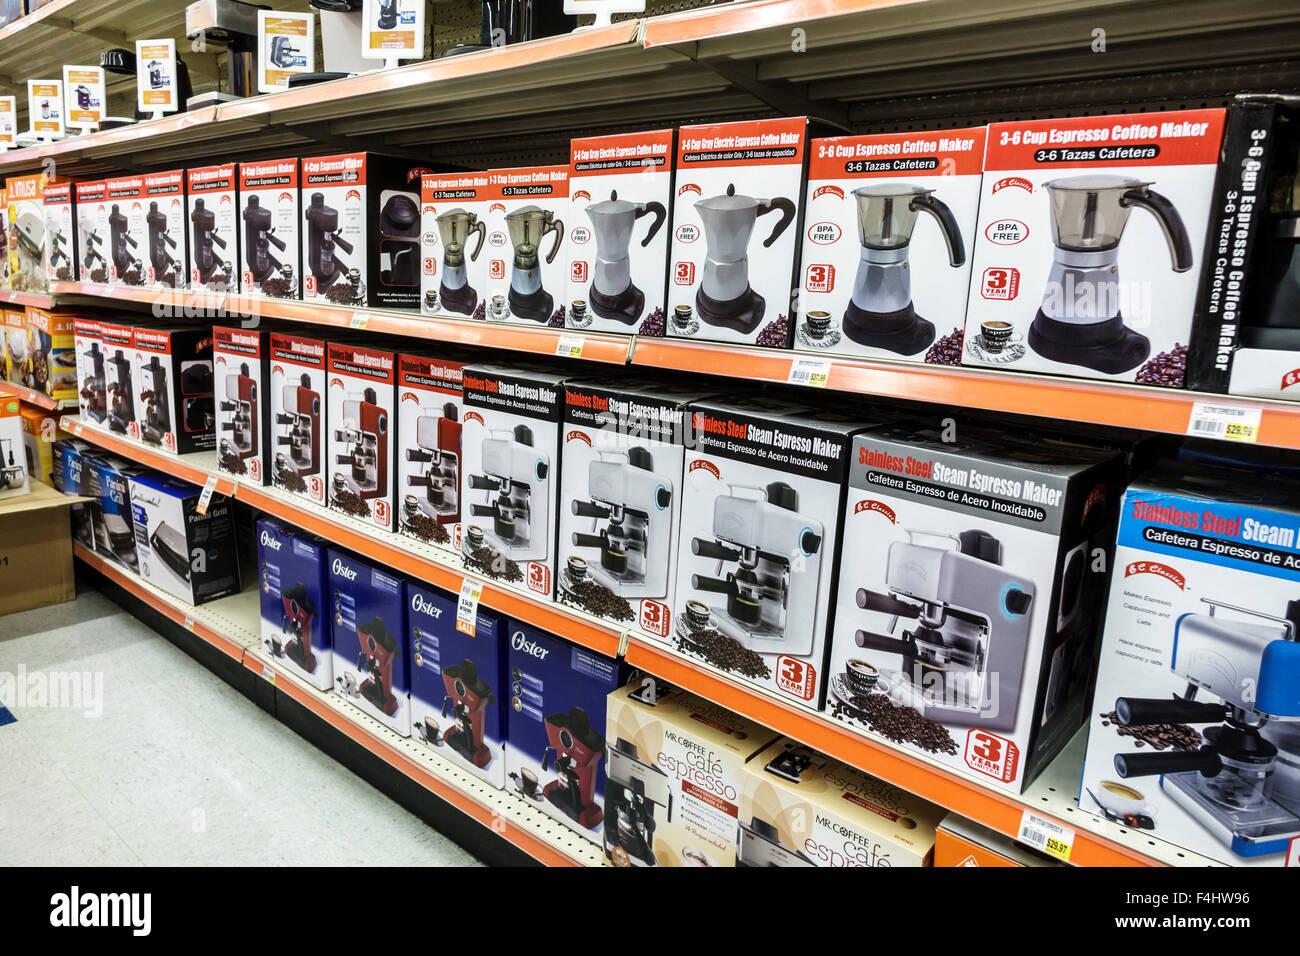 Appliances Discount Appliances Shop Usa Stock Photos Appliances Shop Usa Stock